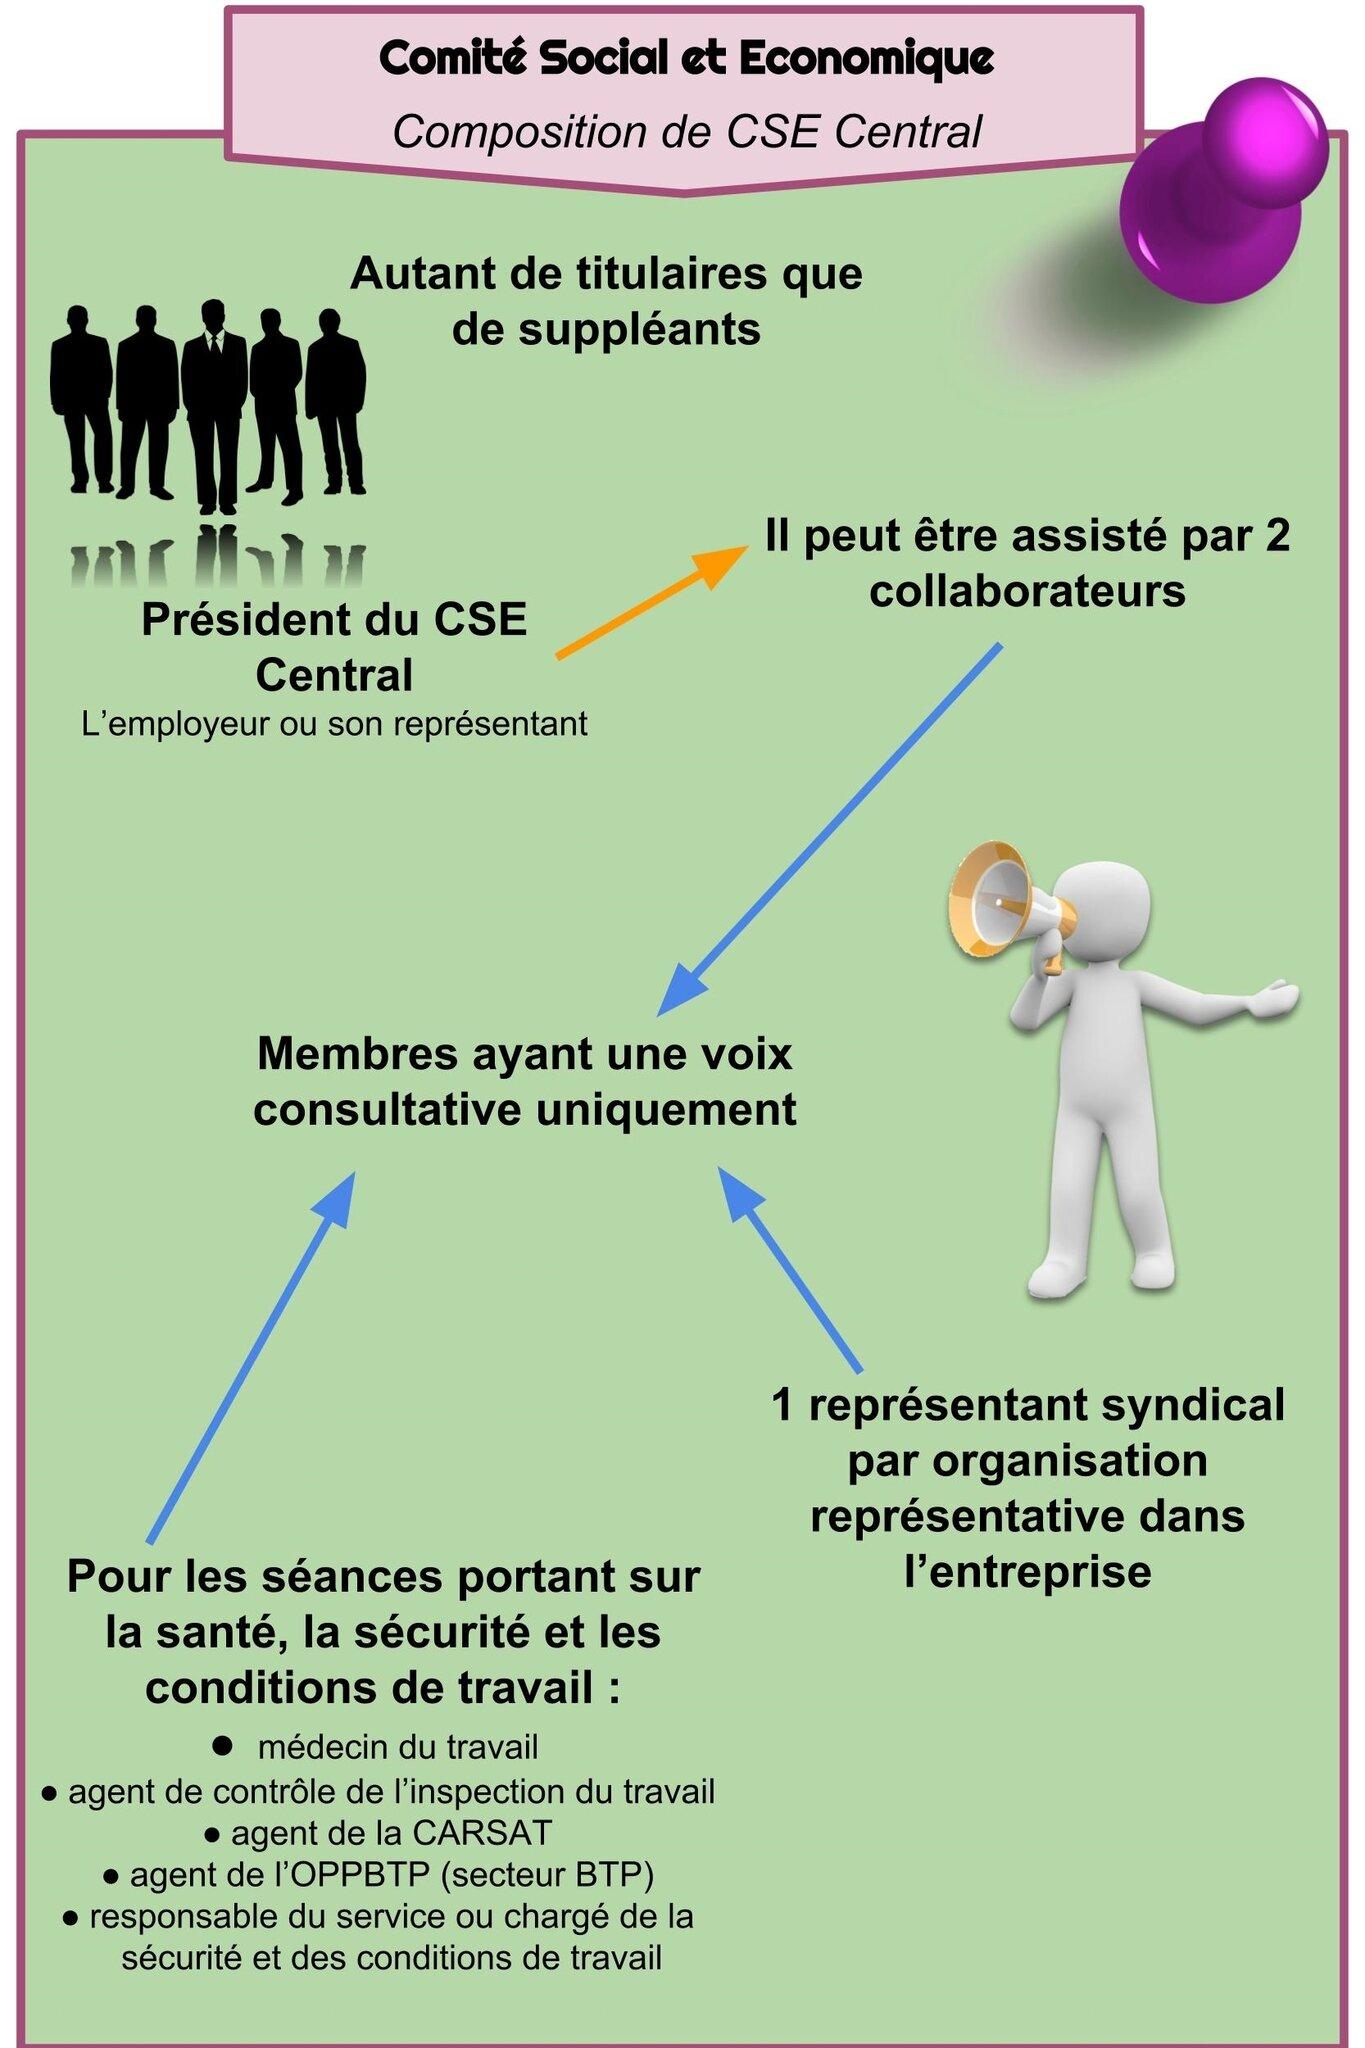 Comité social et économique (CSE) : quand le mettre en place ?